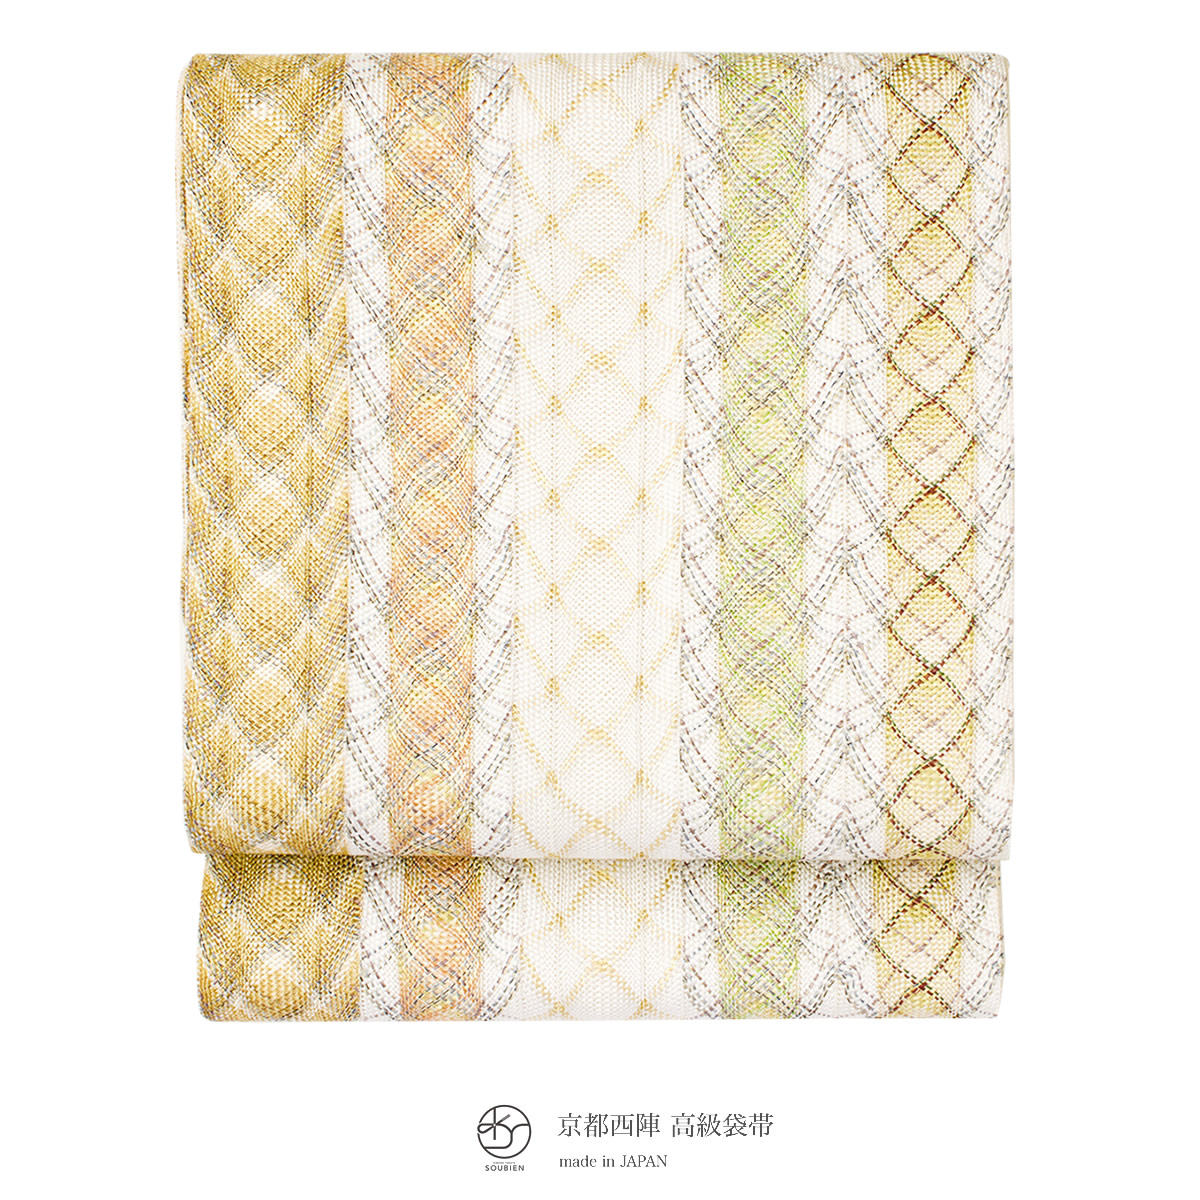 【未仕立て】袋帯 横田織物 薄黄色 クリーム 金色 縞 格子 正絹 伝統工芸品 京くみひも 全通柄 フォーマル カジュアル 日本製 【送料無料】